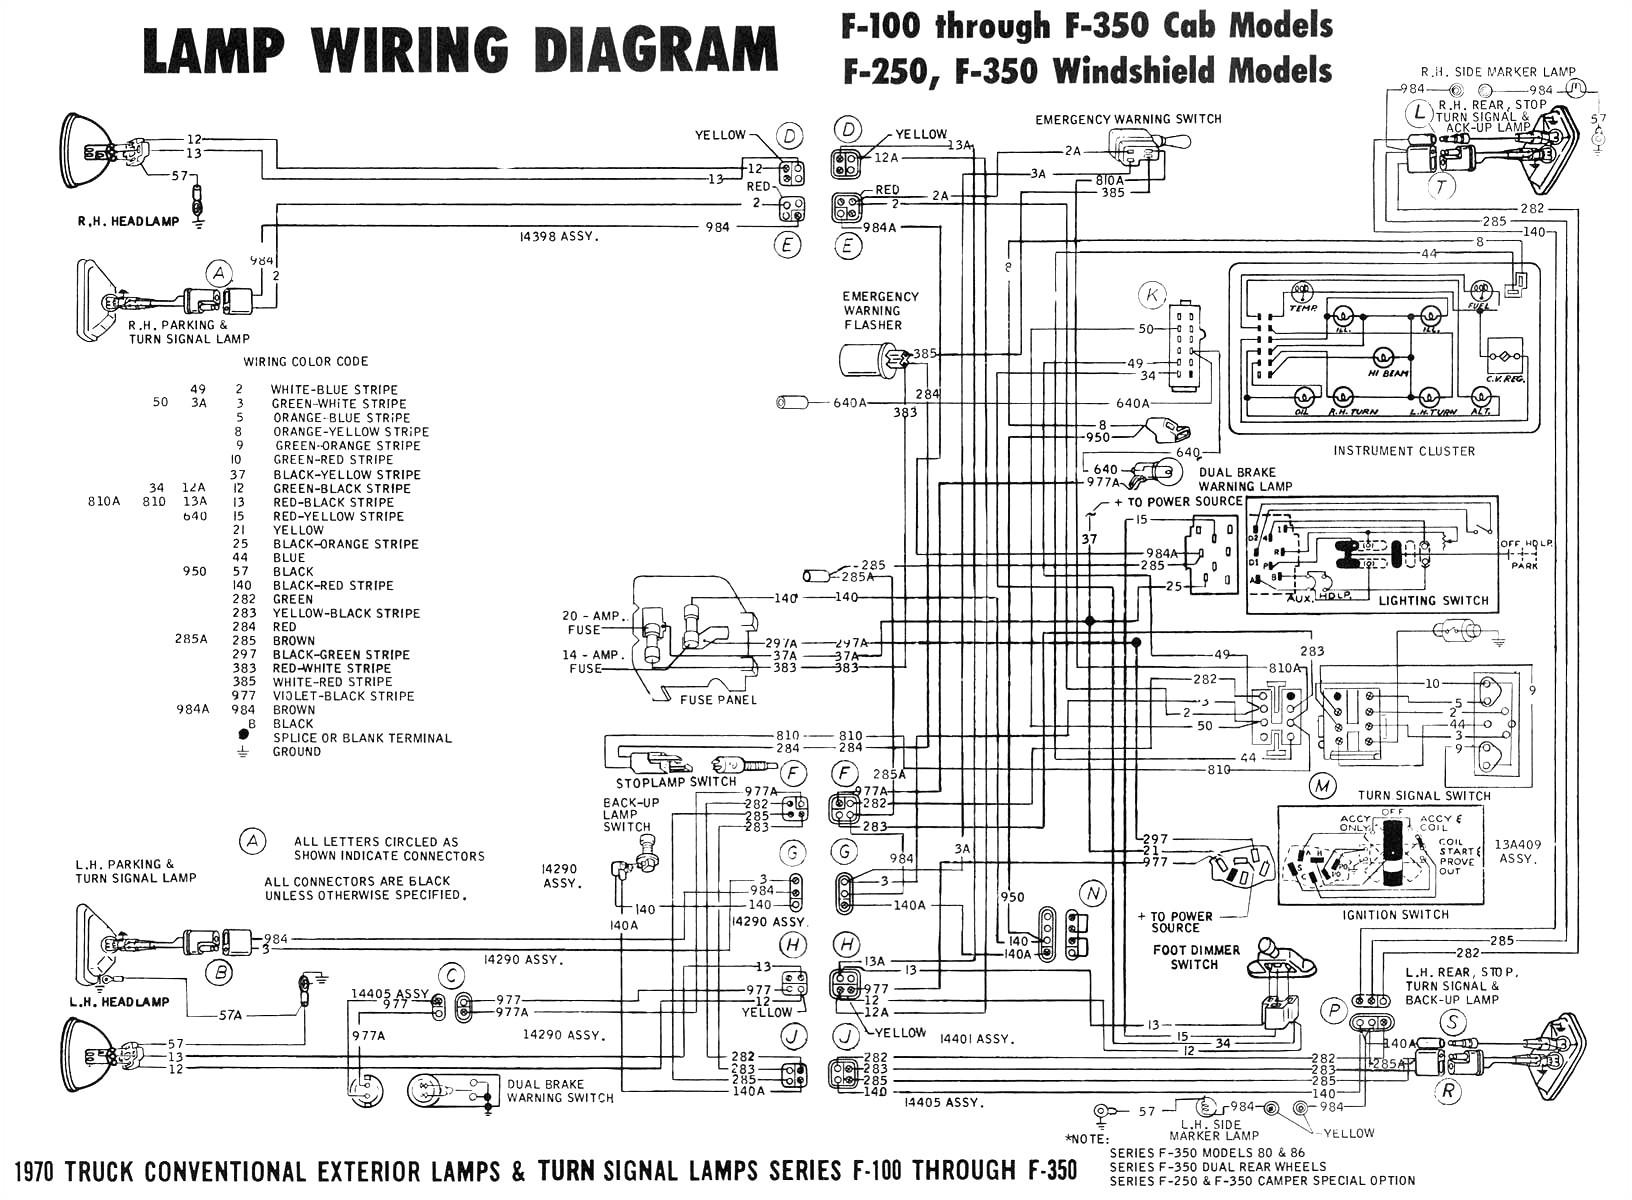 ford wiring diagrams free wiring diagram sheet free ford focus wiring diagrams ford schematics free wiring